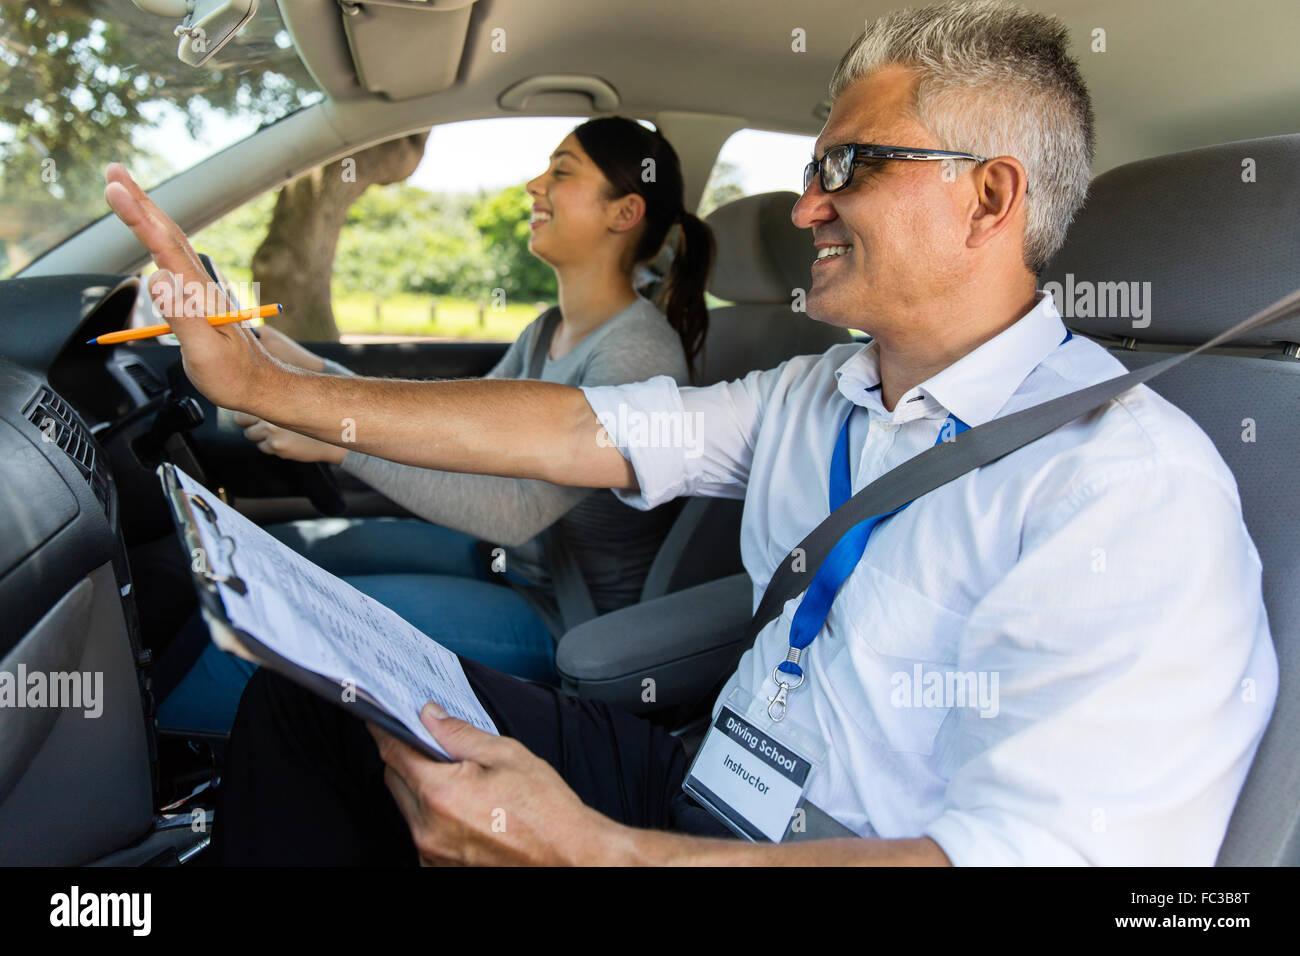 Sonriente joven con instructor de conducción tomar lecciones Imagen De Stock